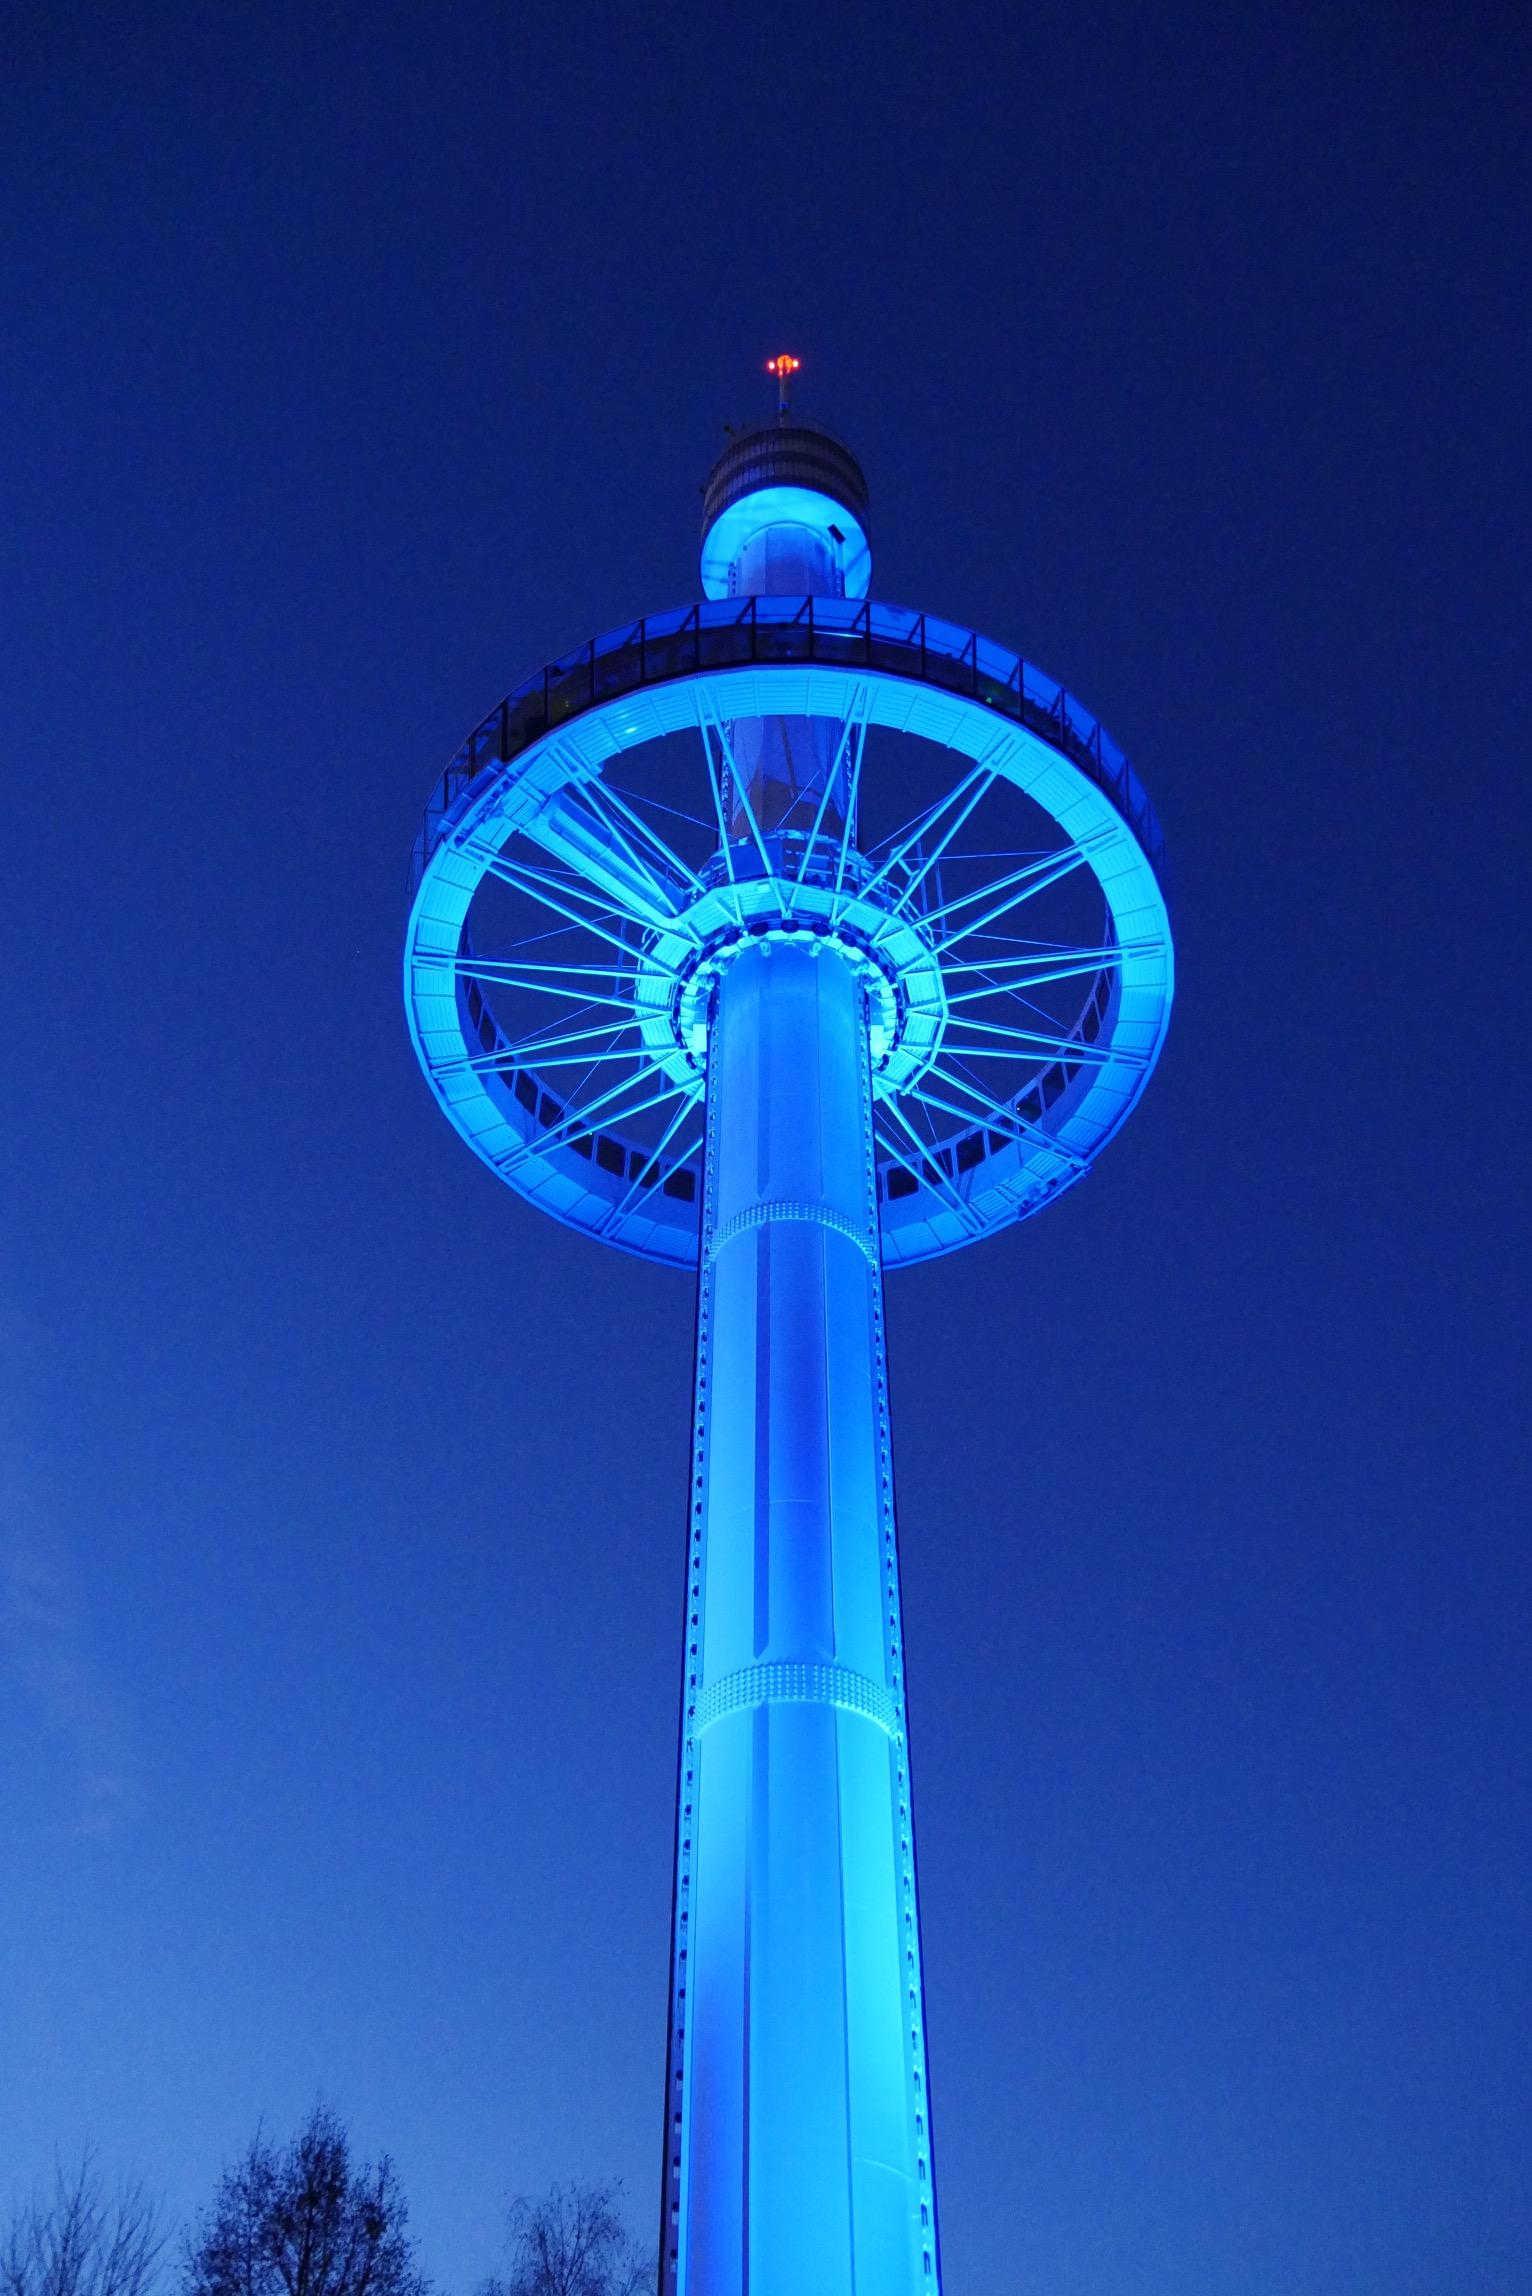 gyrotour-de-nuit-attraction-tour-parc-du-futuroscope-poitiers-tour-panoramique-photo-usofparis-blog